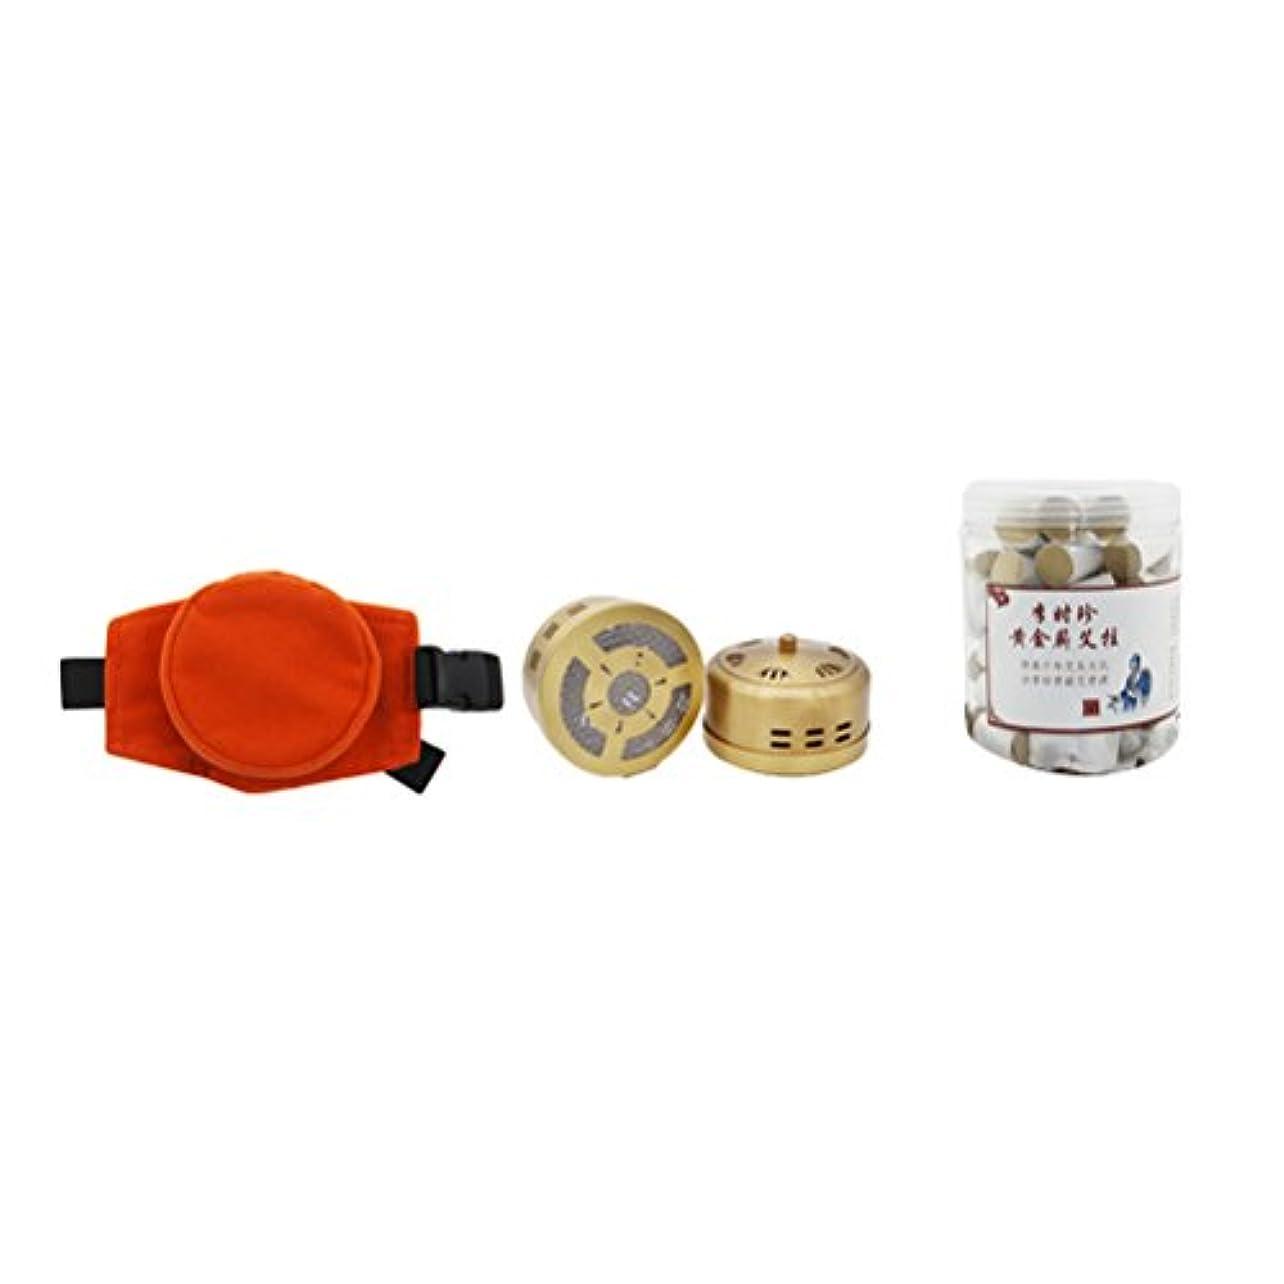 アマチュアウール哲学的灸スティックバーナーボックス無煙Moxa清浄器銅タンク調節可能なポケットと60個の腰部頚部の膝関節炎痛み緩和のための灸棒の灸治療の箱